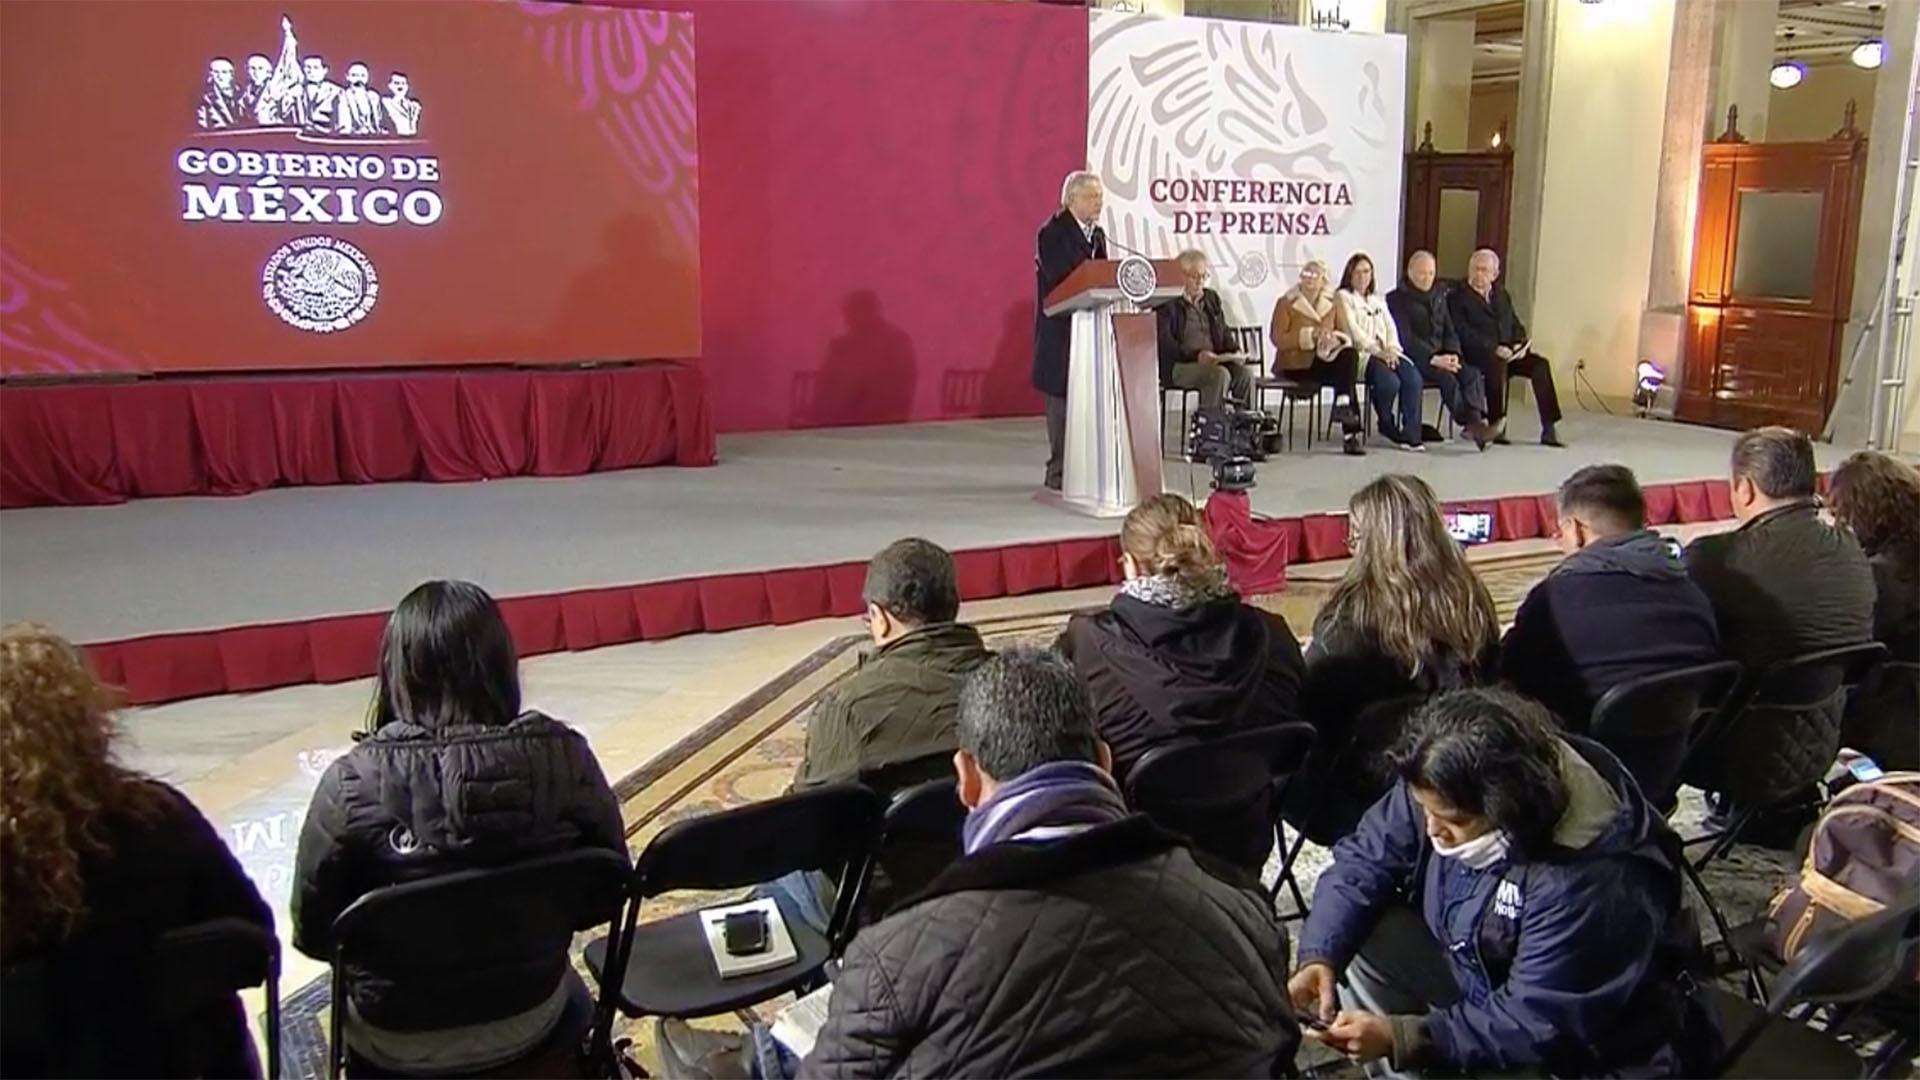 El presidente Andrés Manuel López Obrador ofreció este domingo el parte sobre la explosión en Hidalgo. (Foto: Especial)